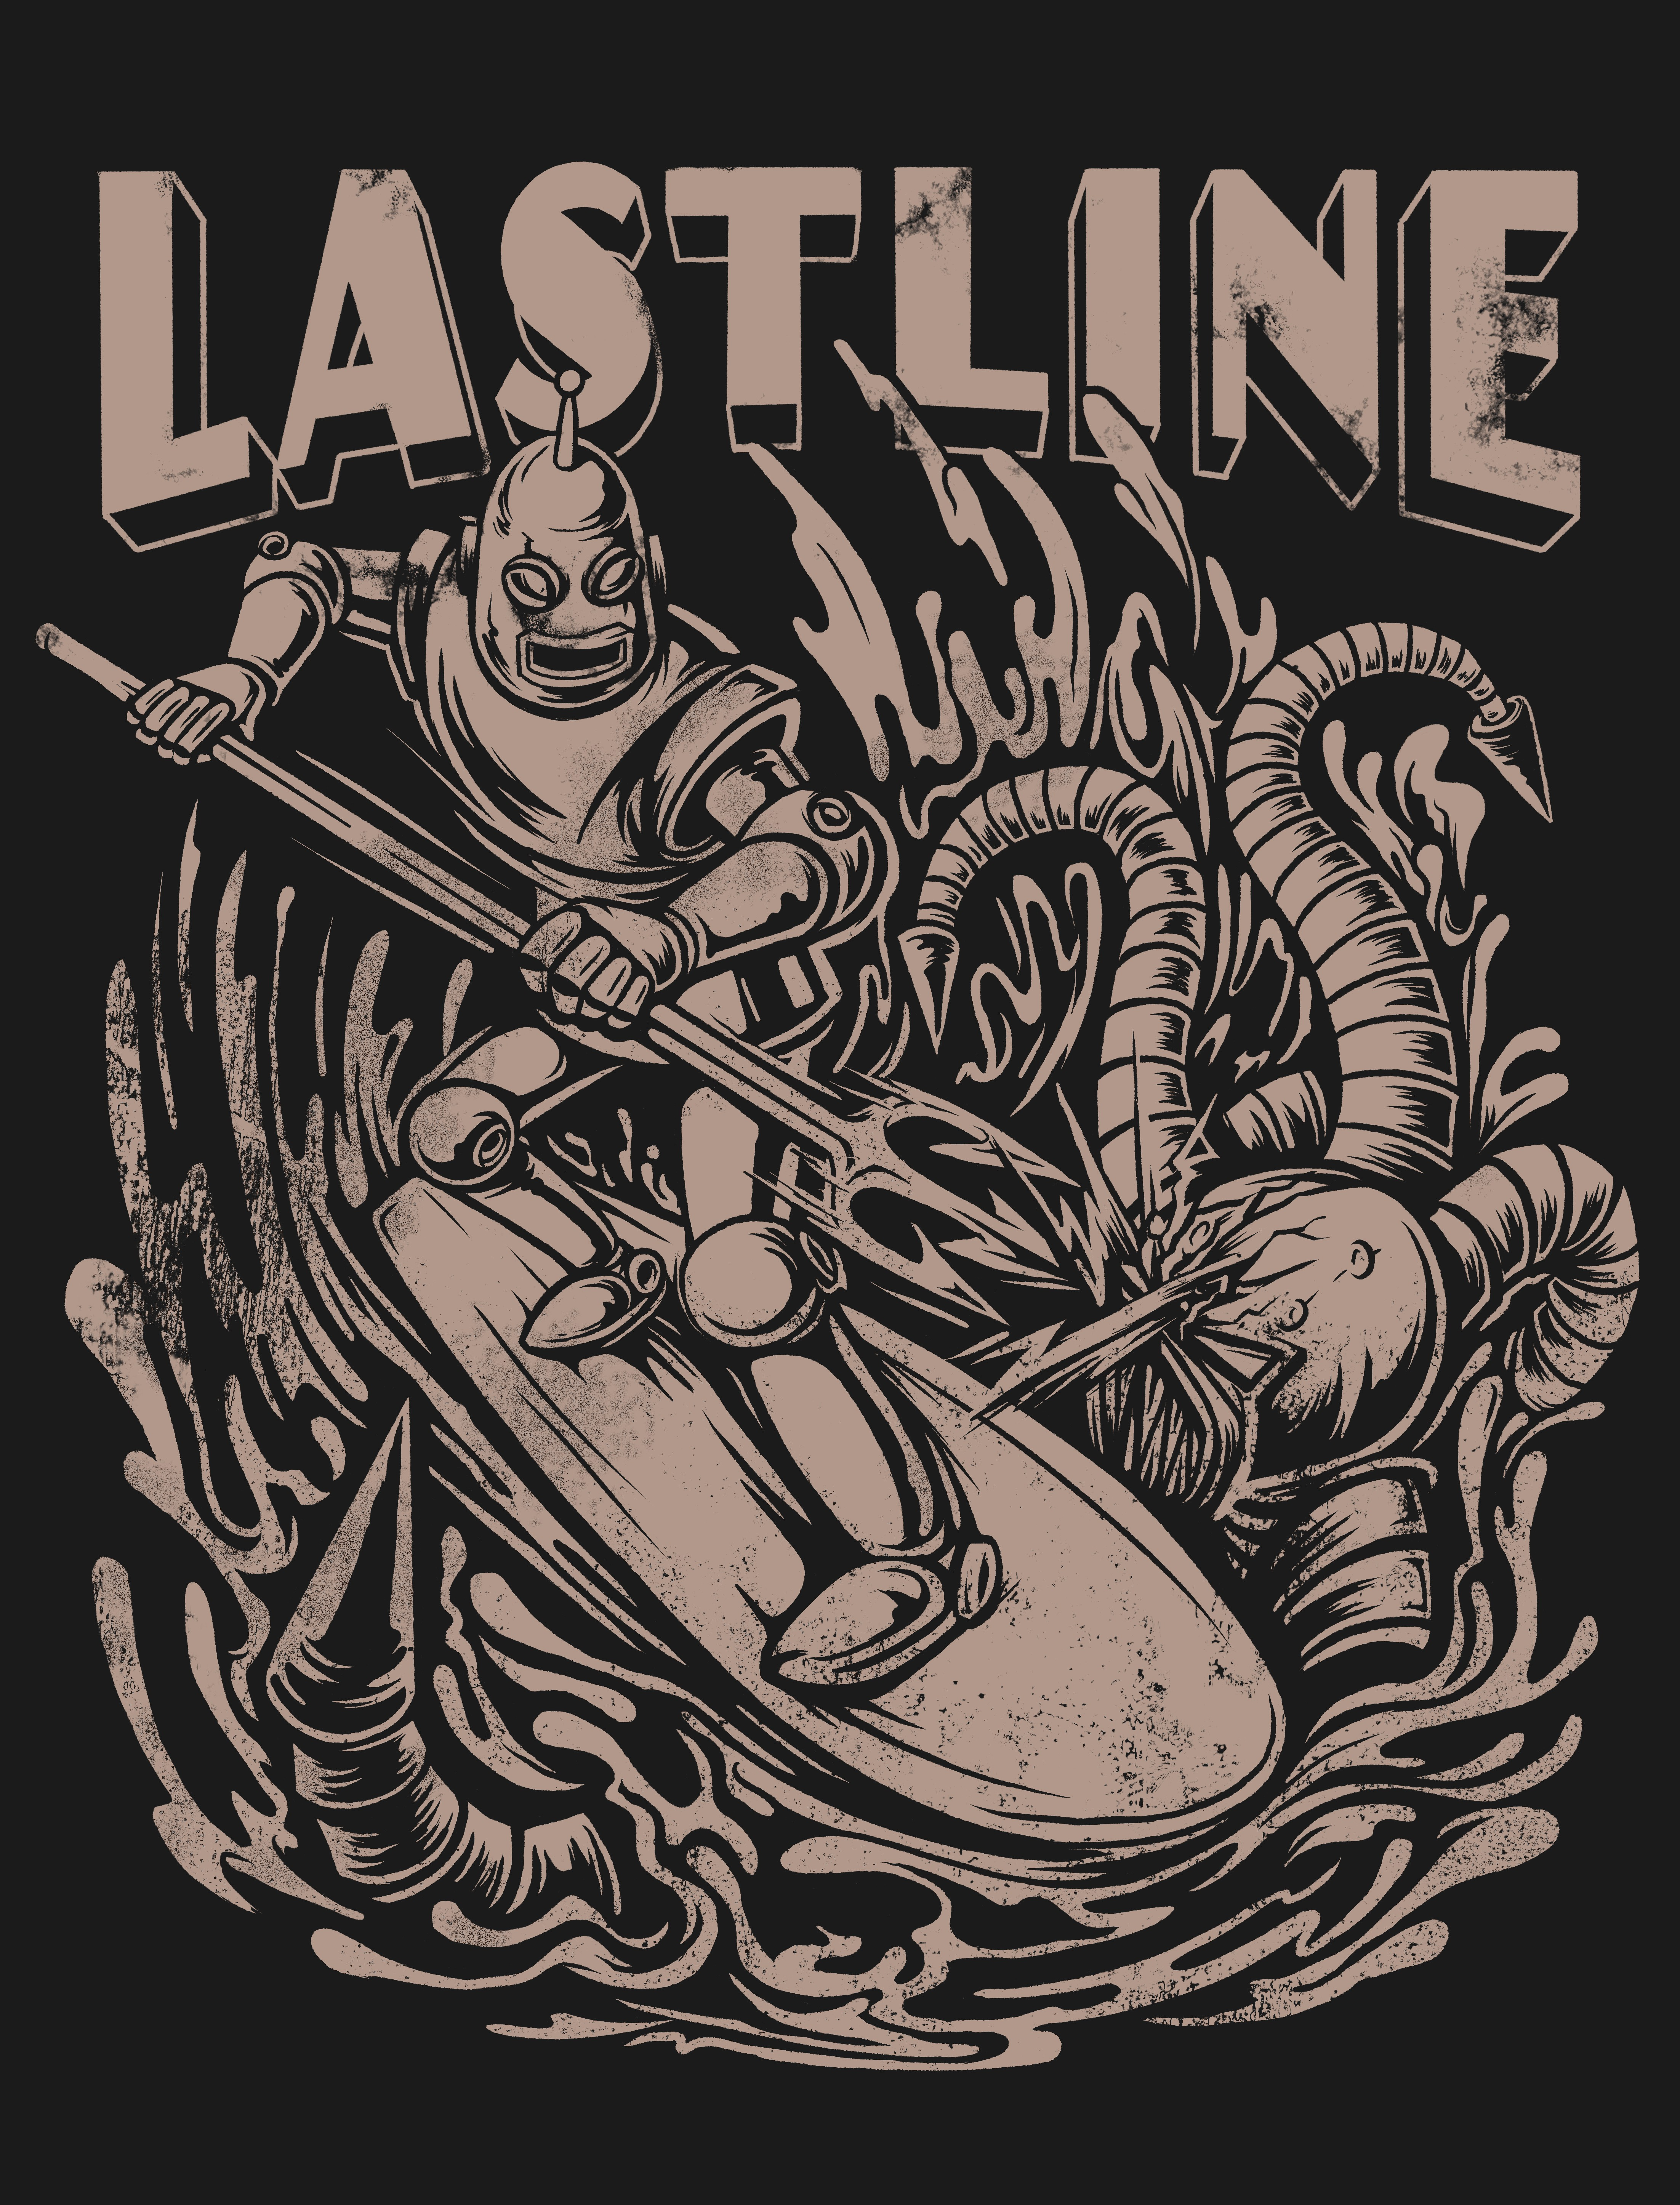 Create a malware-killing retro robot surfing for Lastline!